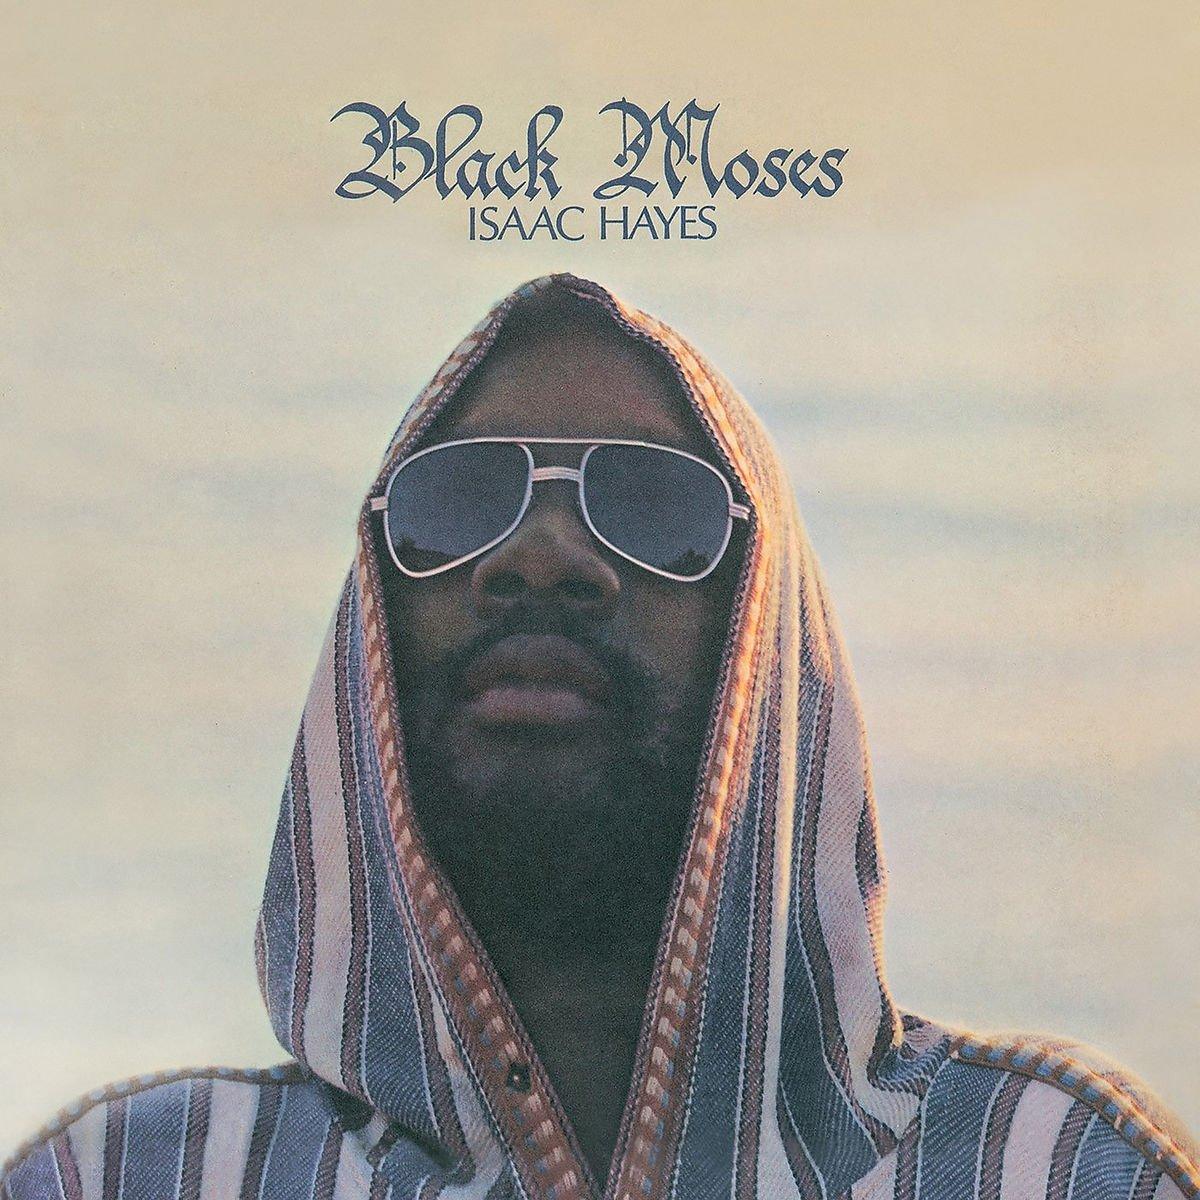 Айзек Хейс Isaac Hayes. Black Moses (2 LP) игра настрольная moses black stories 3 темные истории